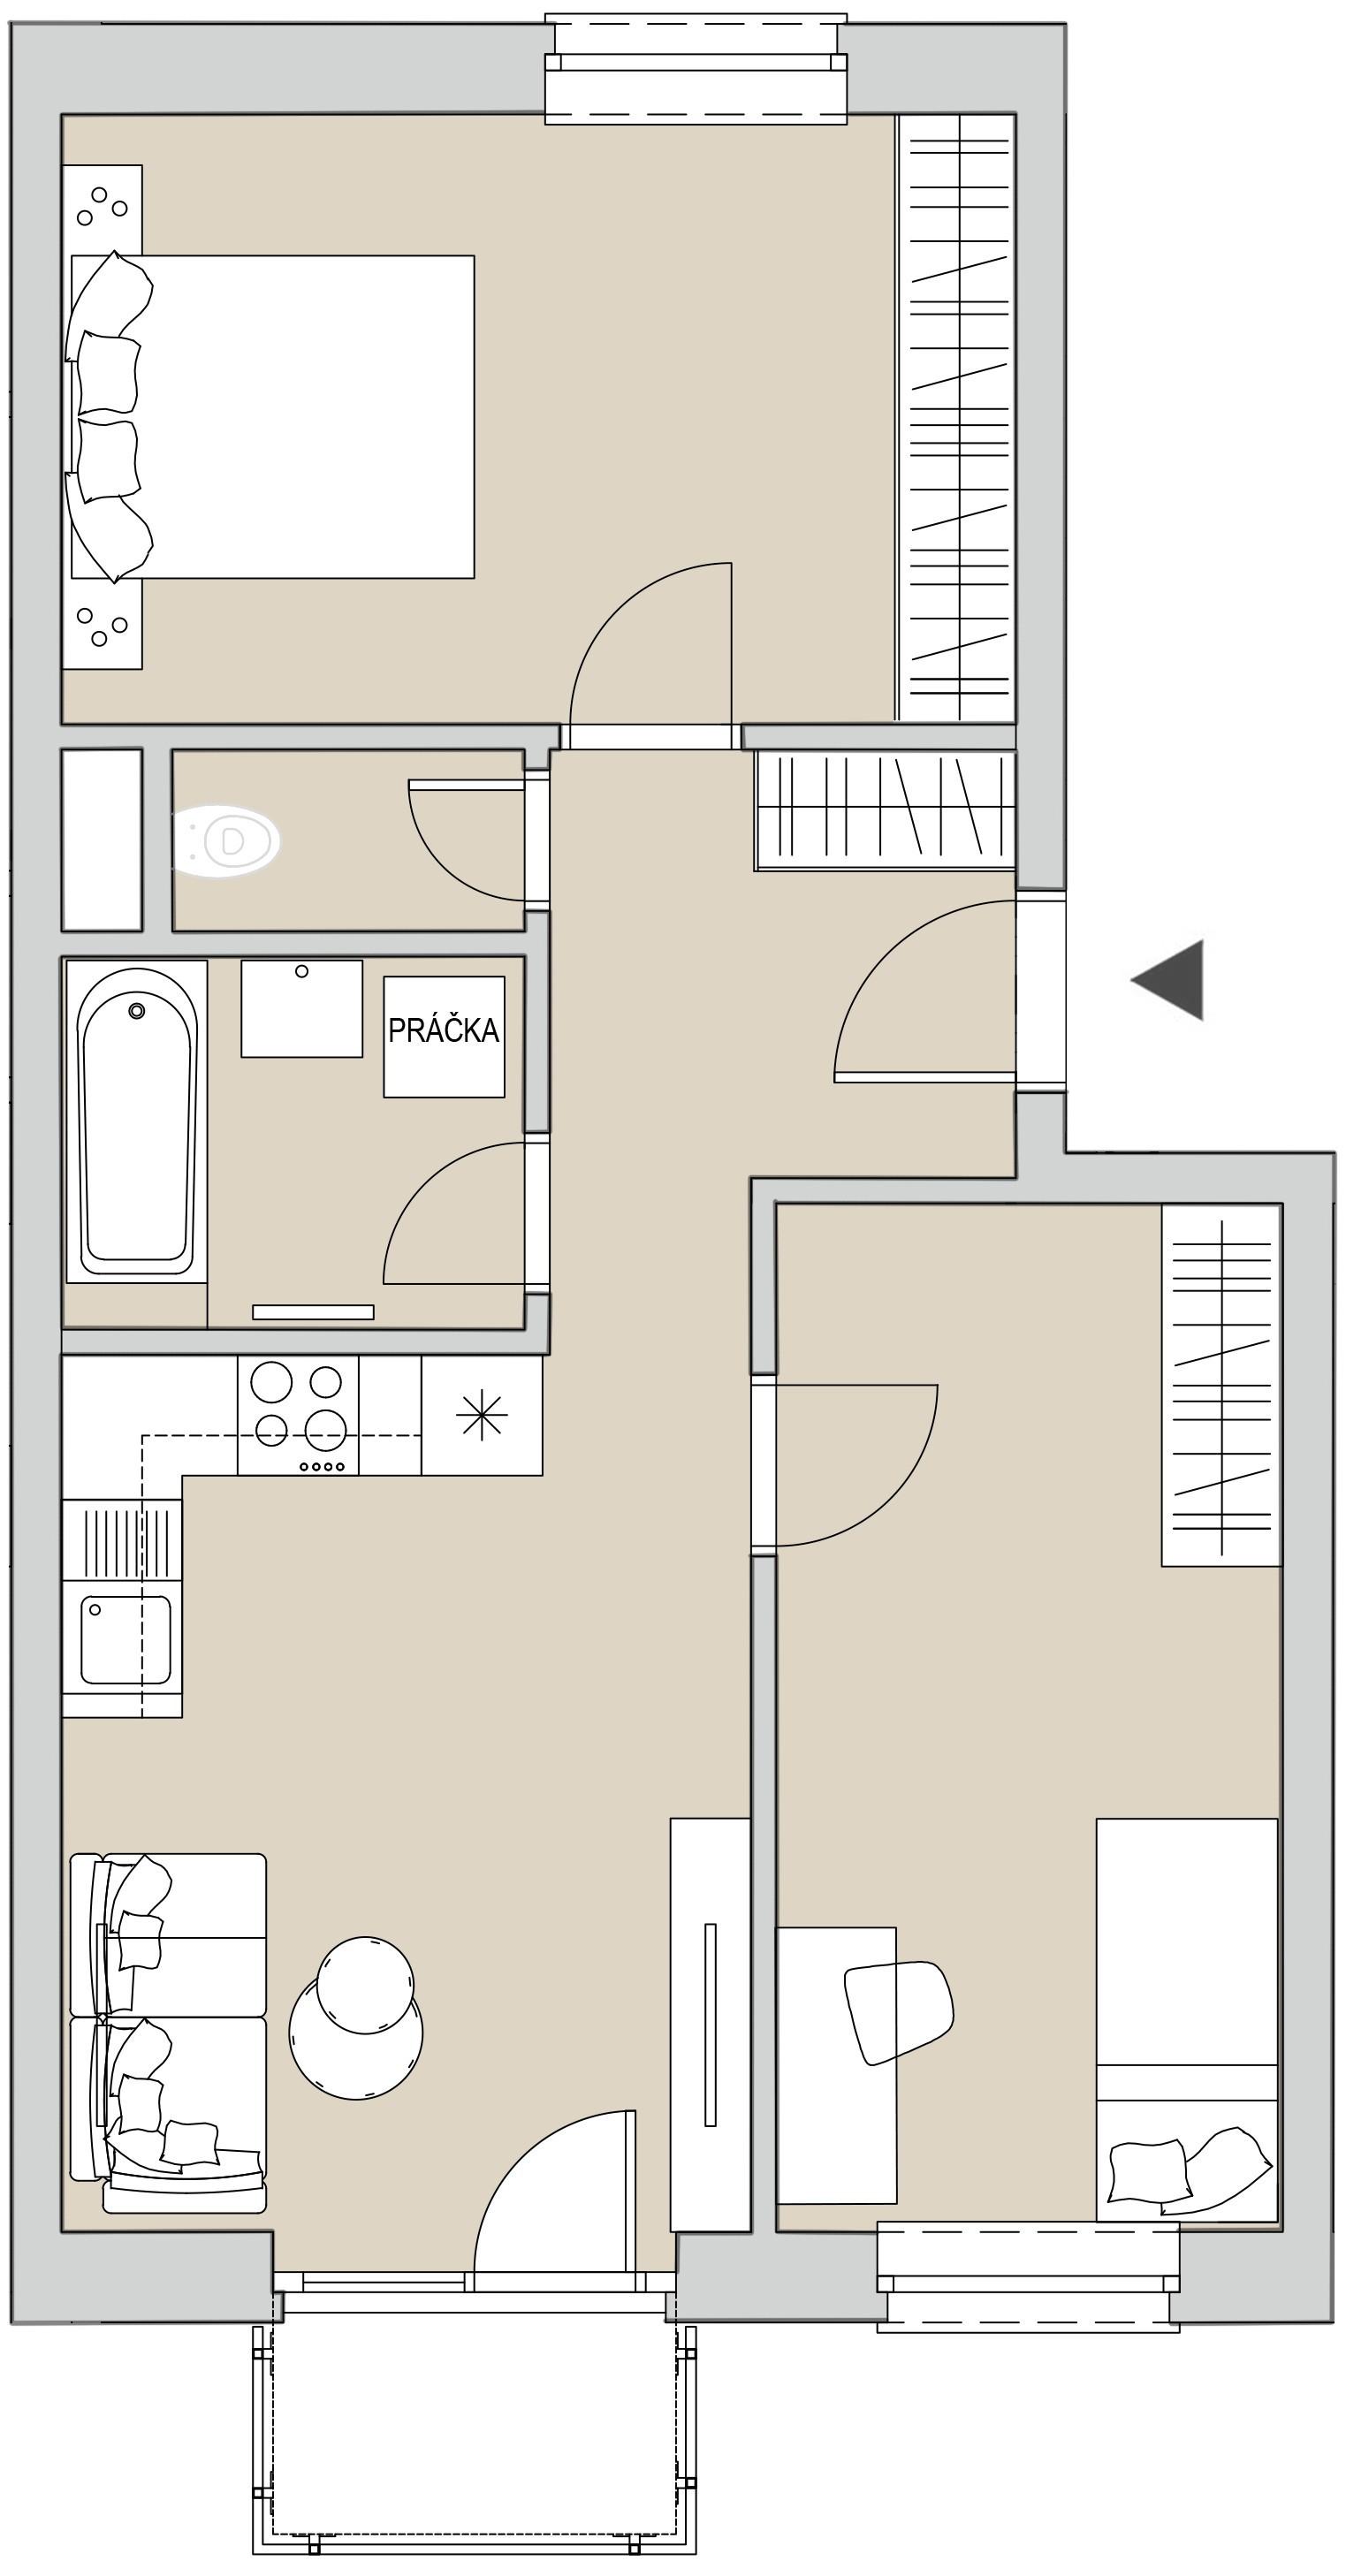 Pôdory bytu - 203 - varianta 3 - izbový